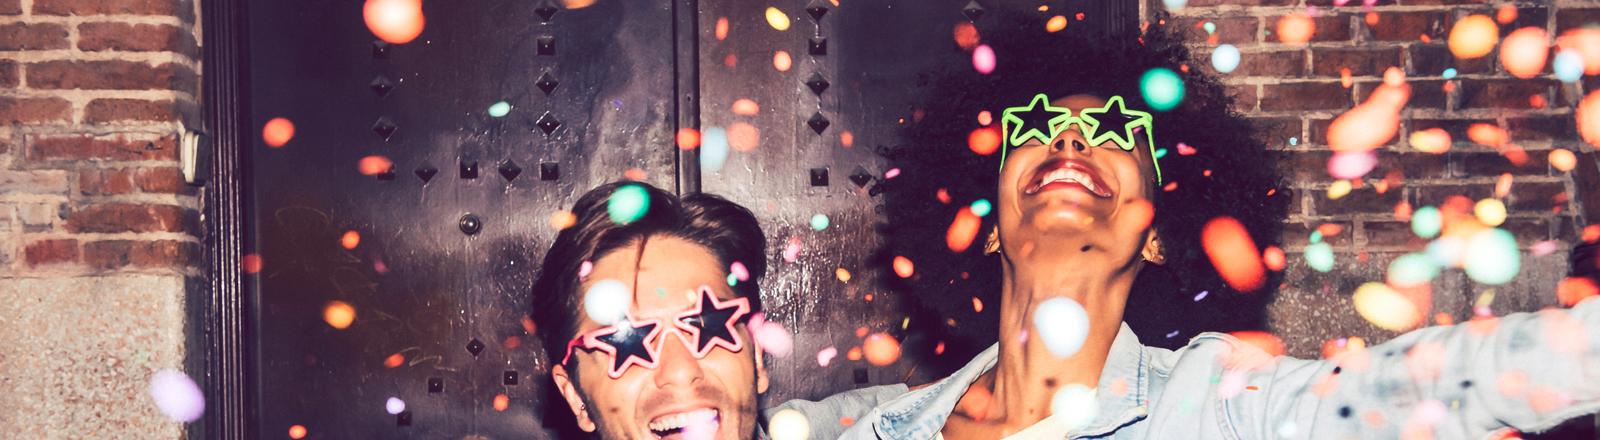 Zwei tanzende Menschen mit Konfetti